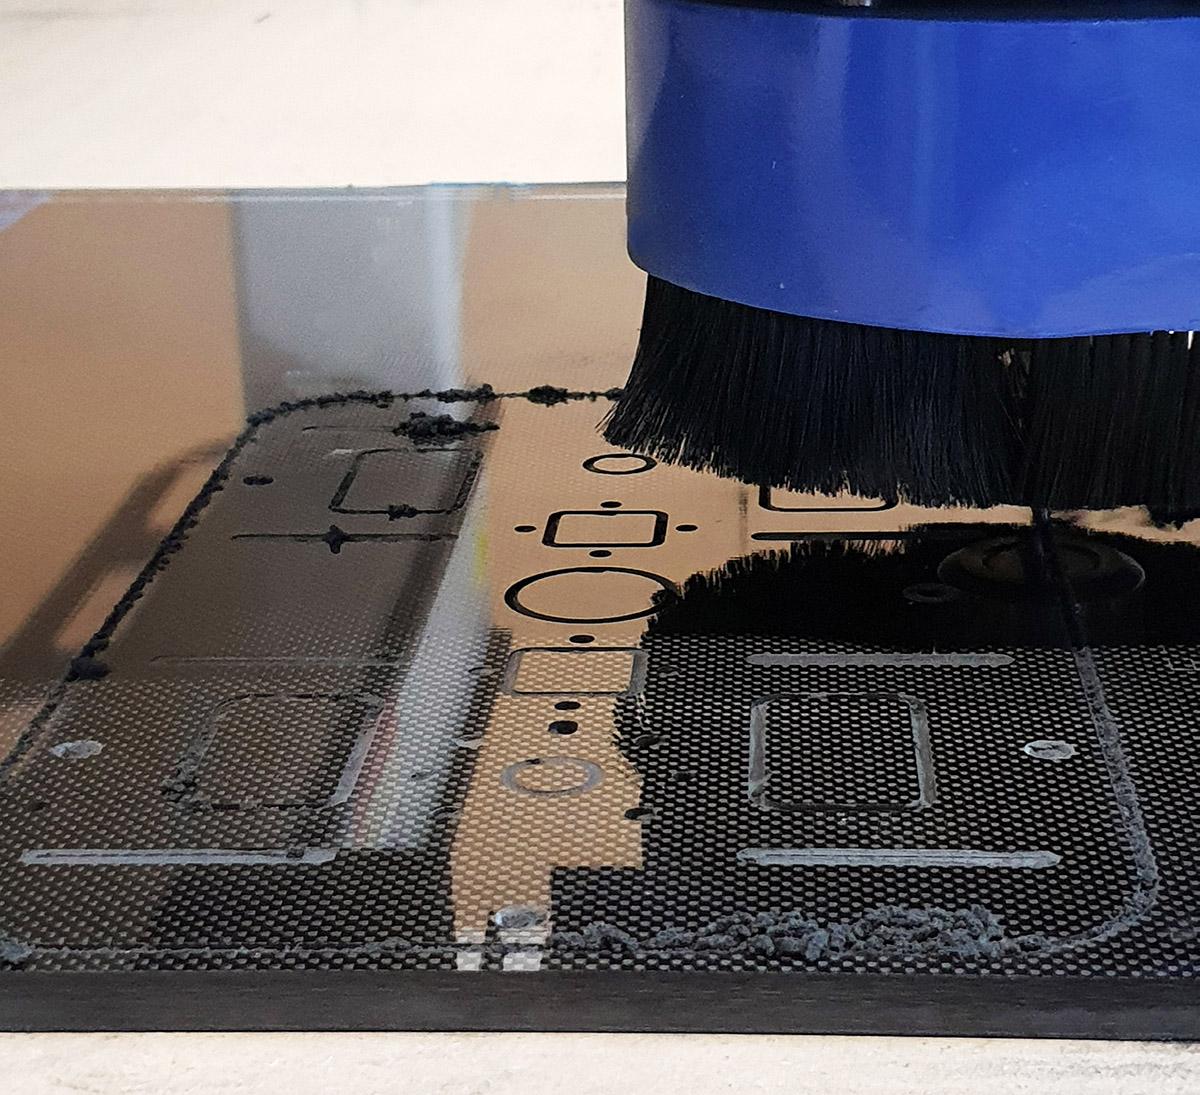 CNC machining carbon fiber sheets, milling carbon fiber sheets